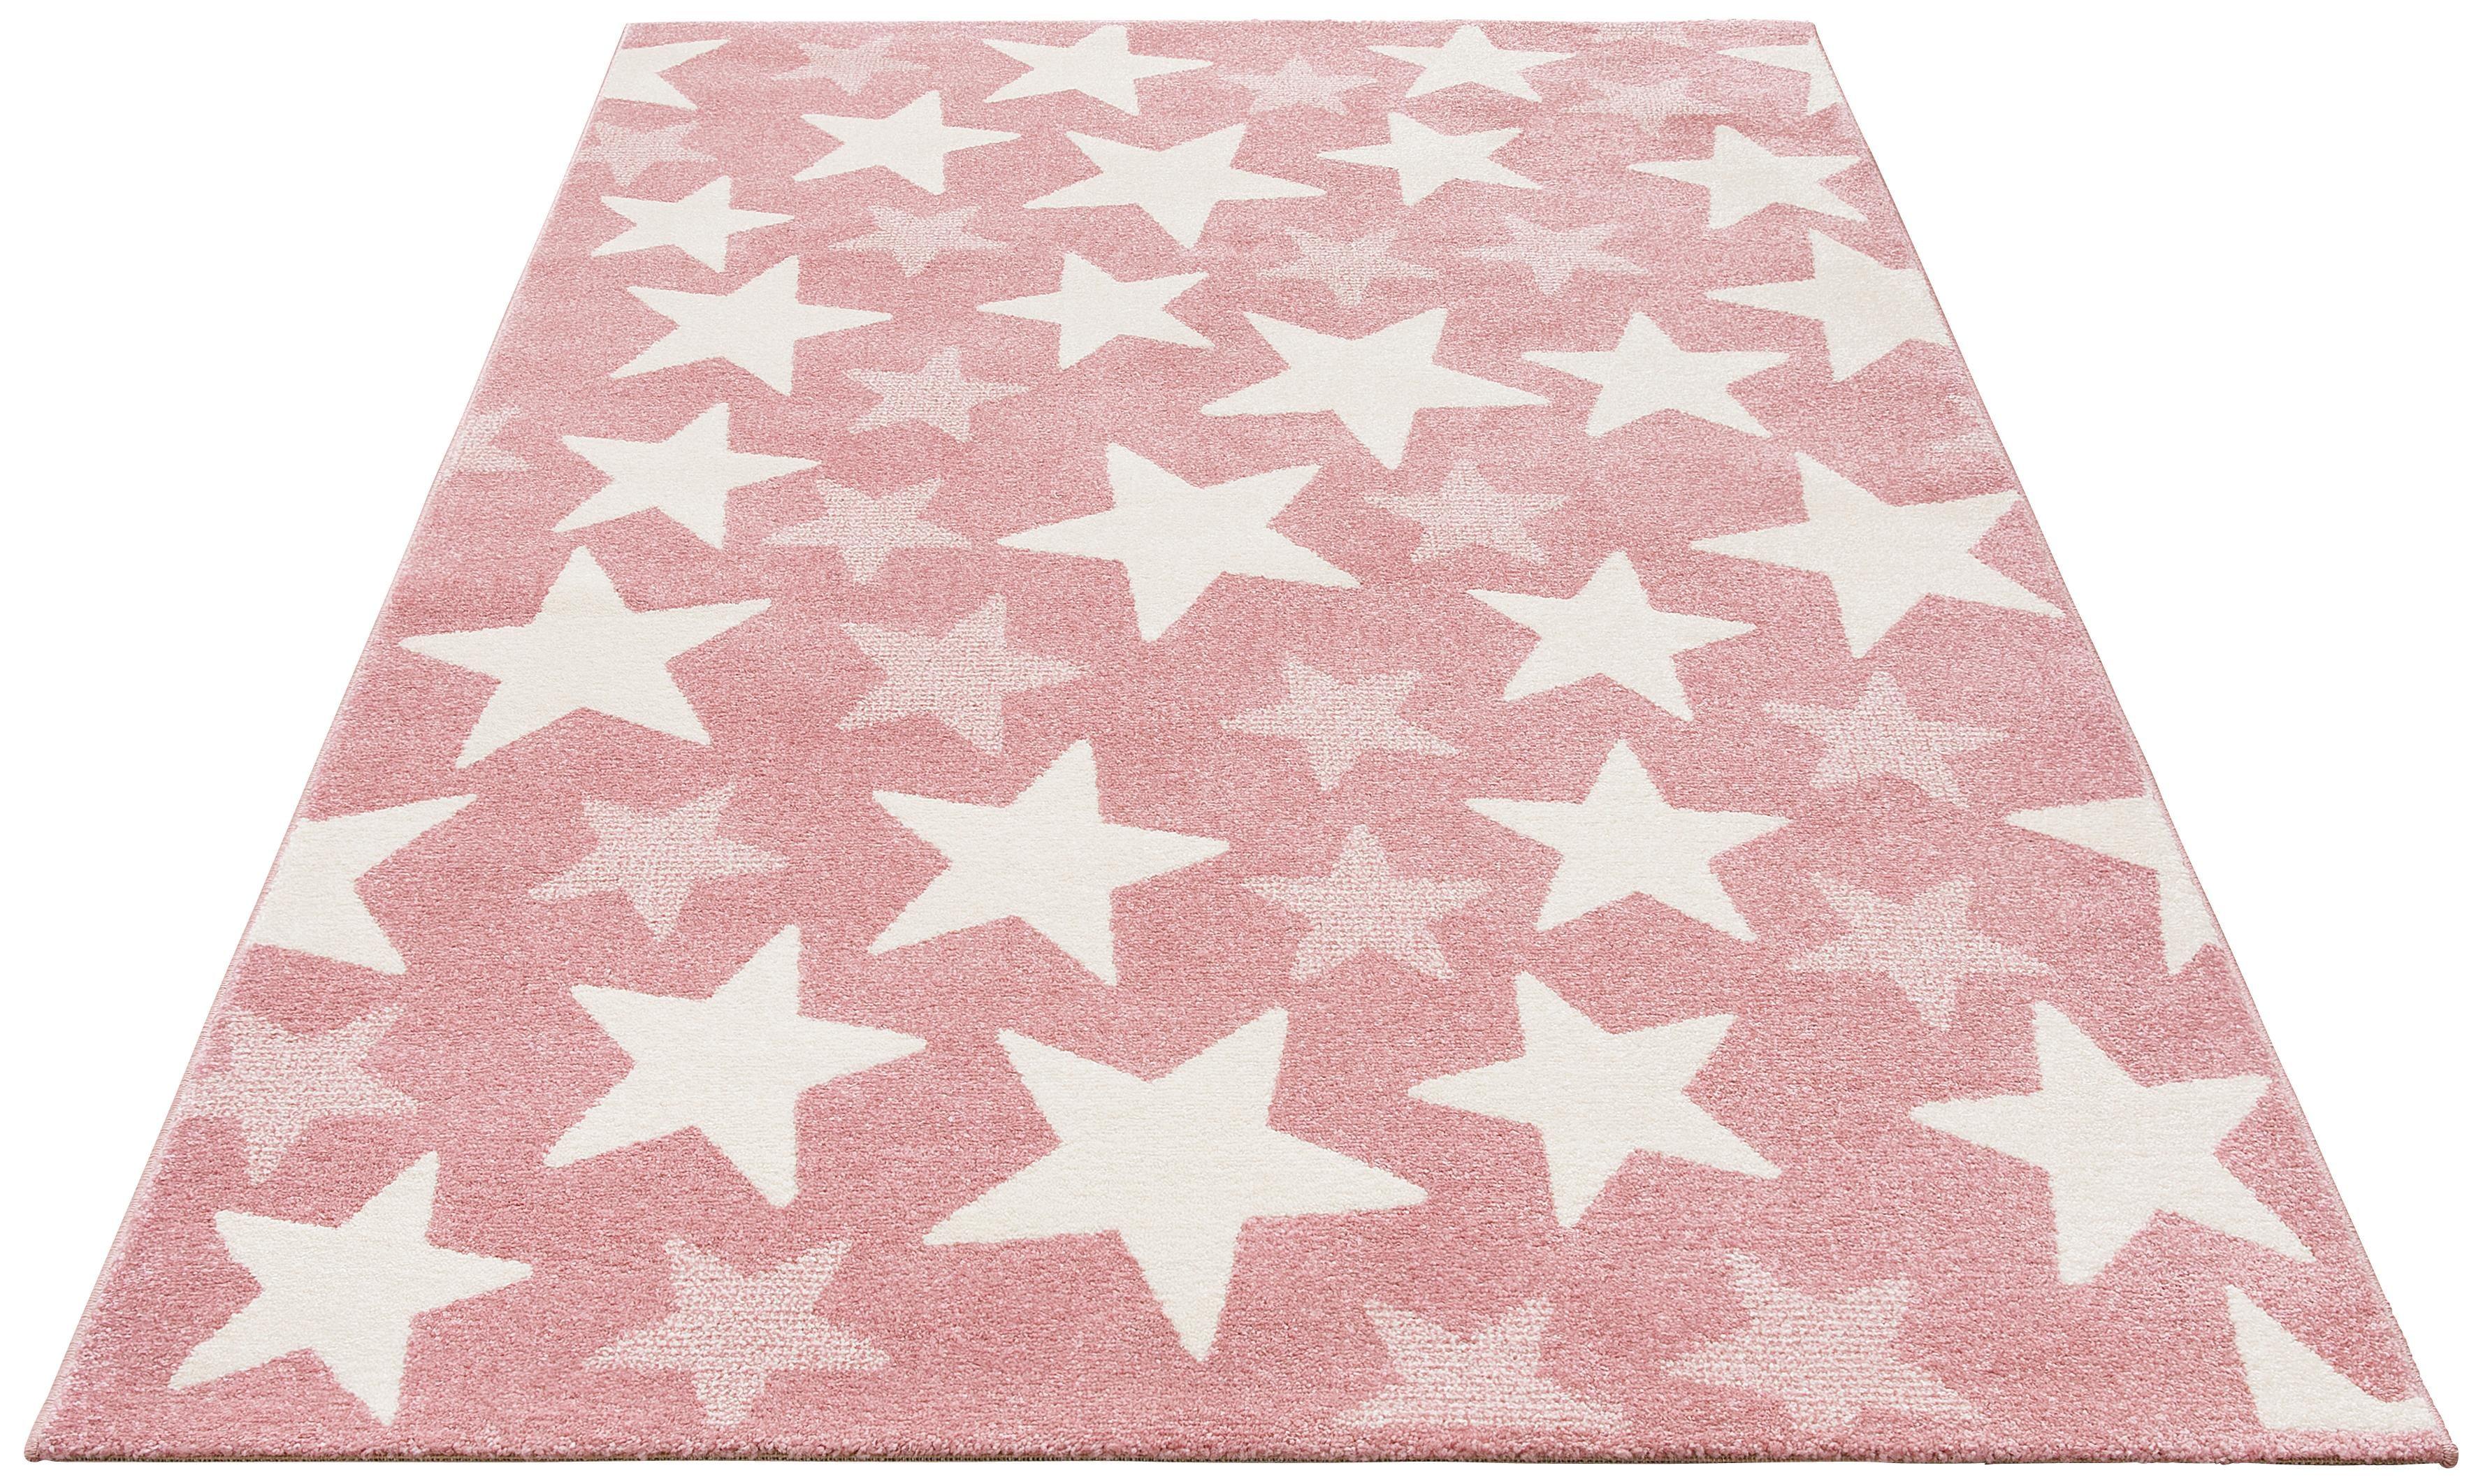 Kinderteppich Stars Lüttenhütt rechteckig Höhe 13 mm maschinell gewebt